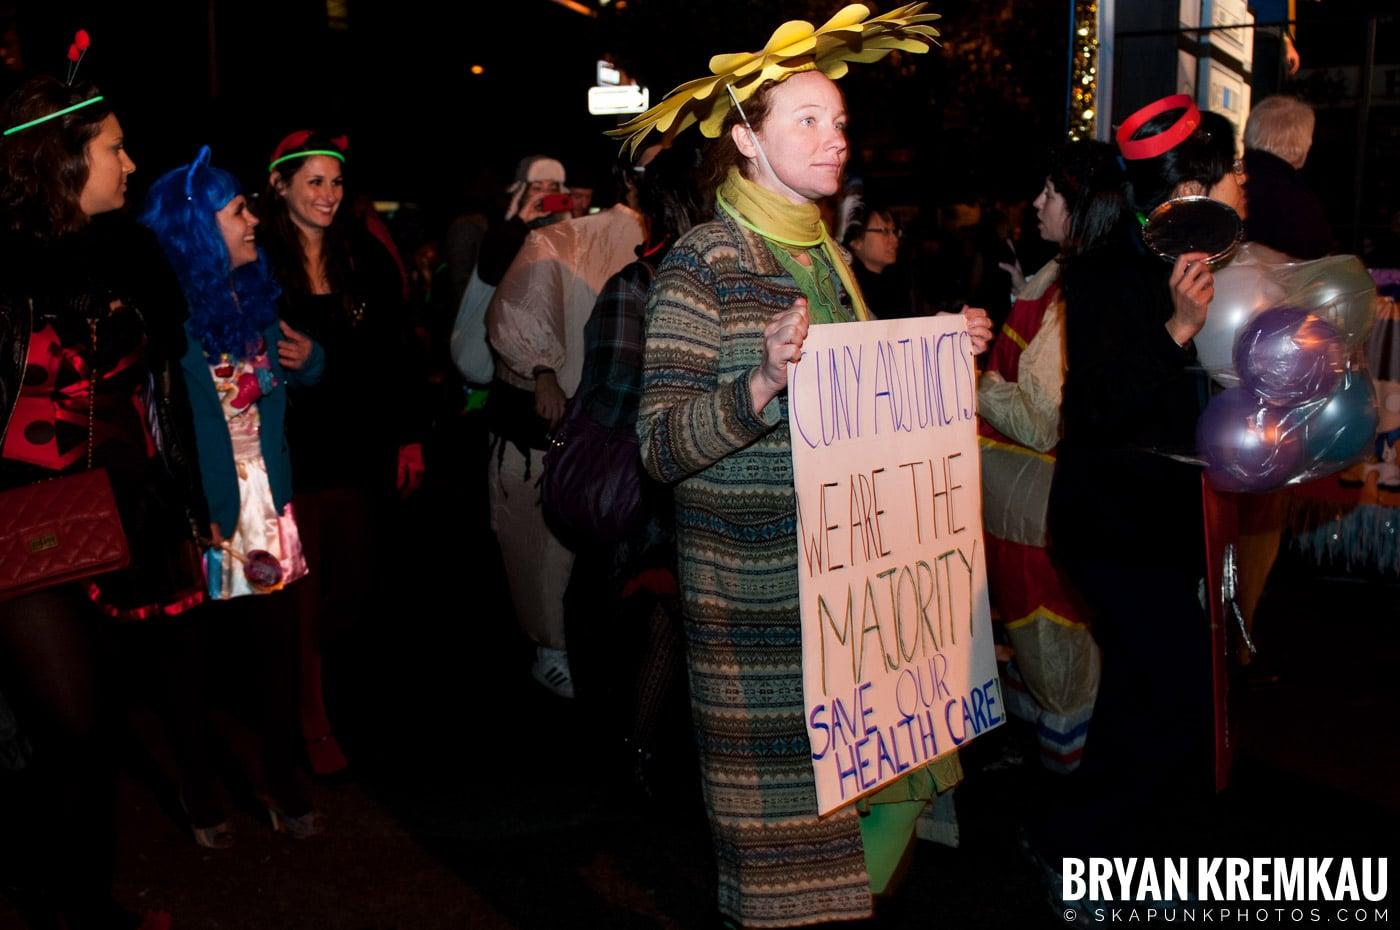 NYC Halloween Parade 2011 @ New York, NY - 10.31.11 (25)